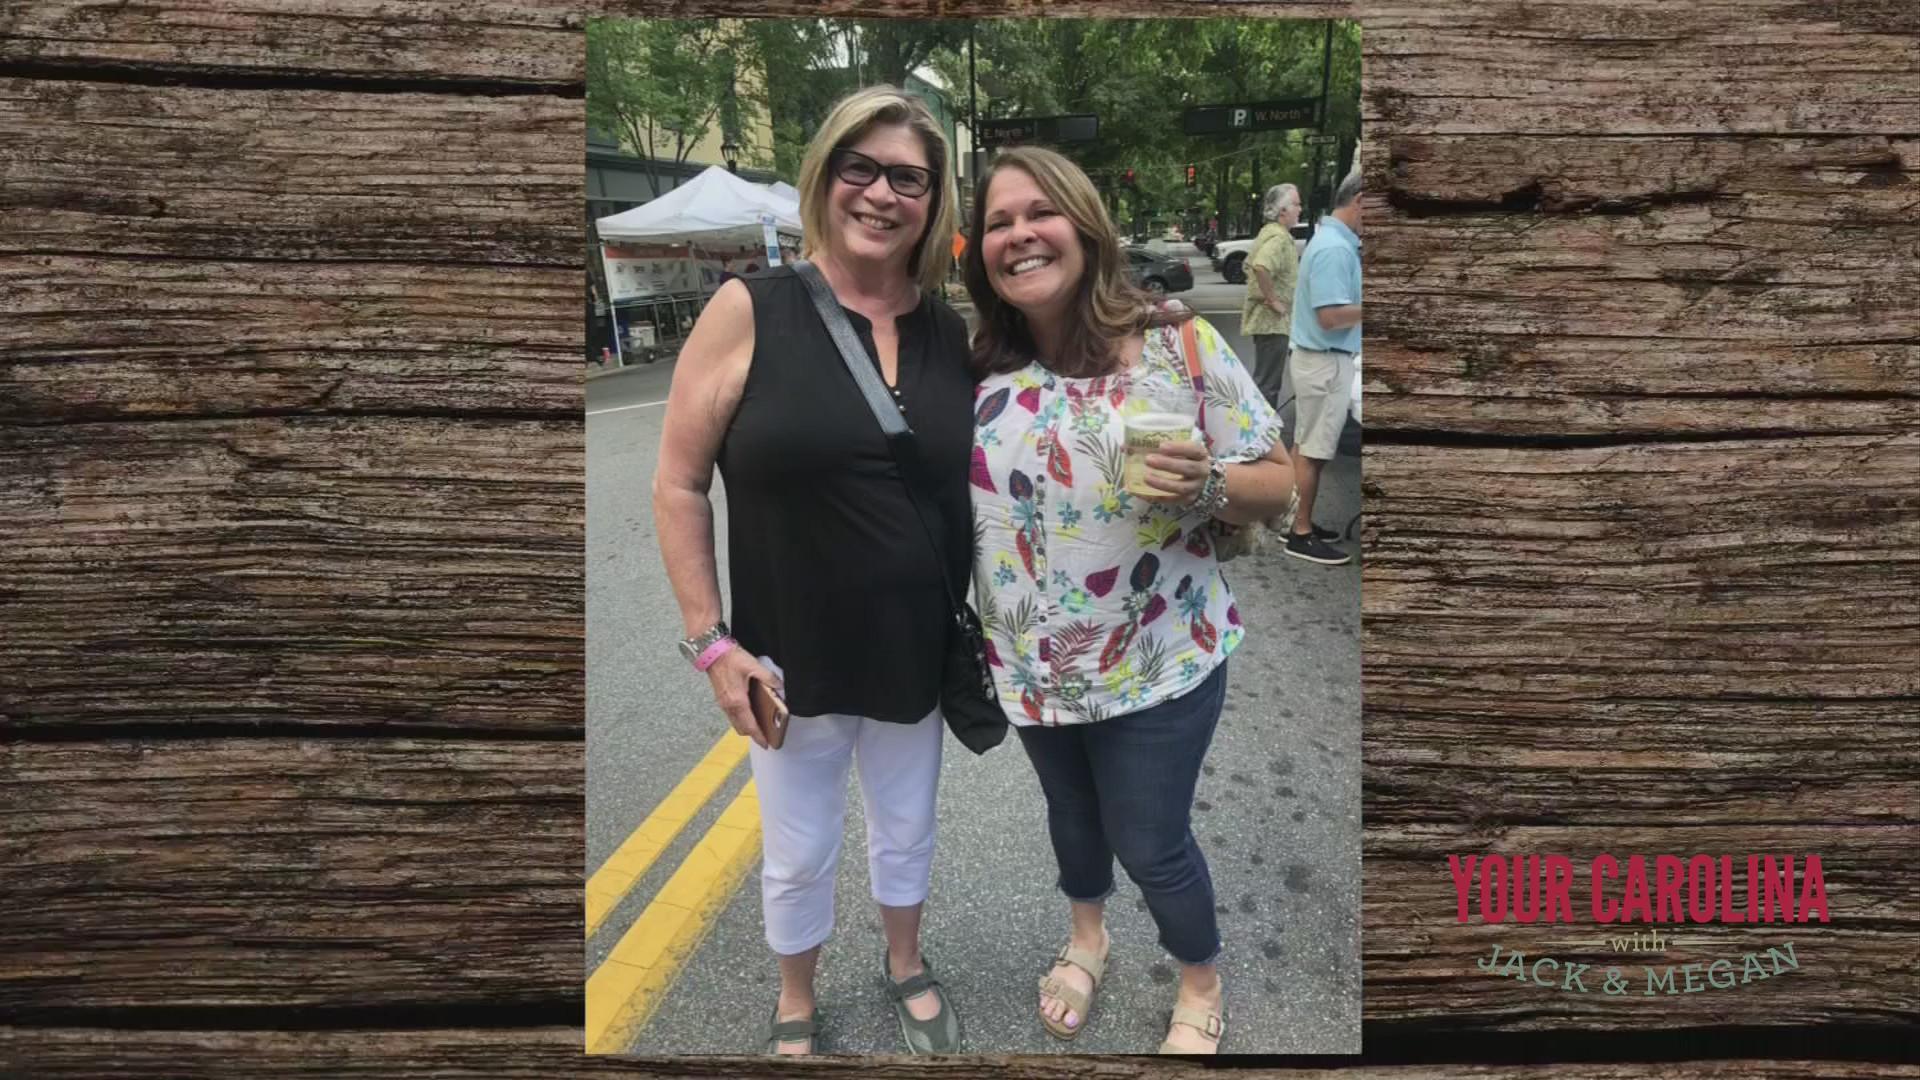 Megan captures a Mom and daughter reunion